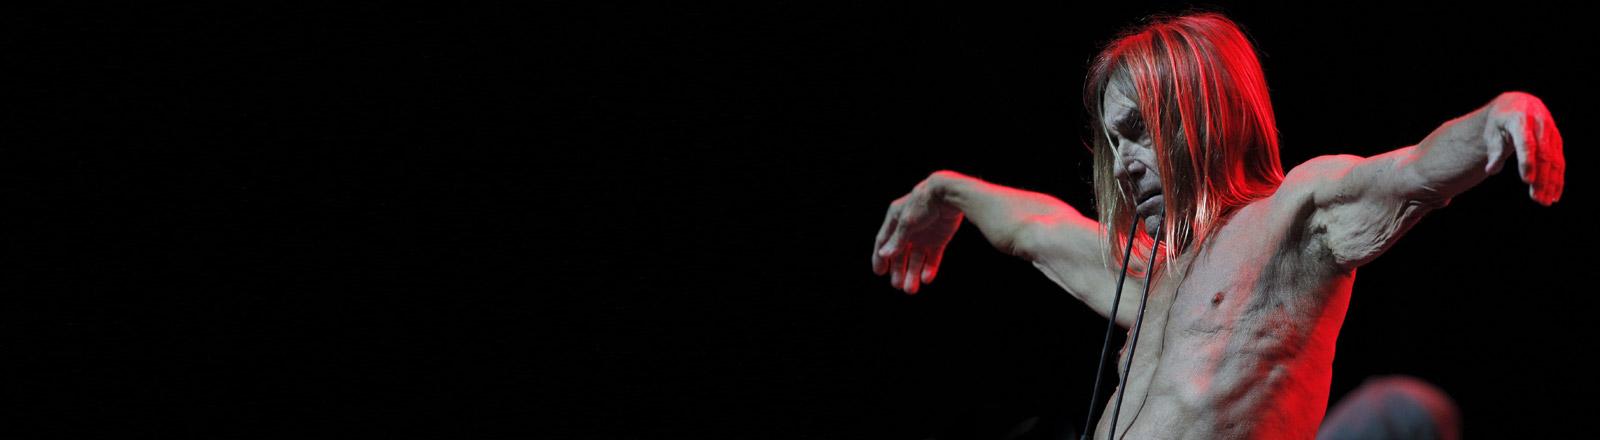 Iggy Pop auf der Bühne